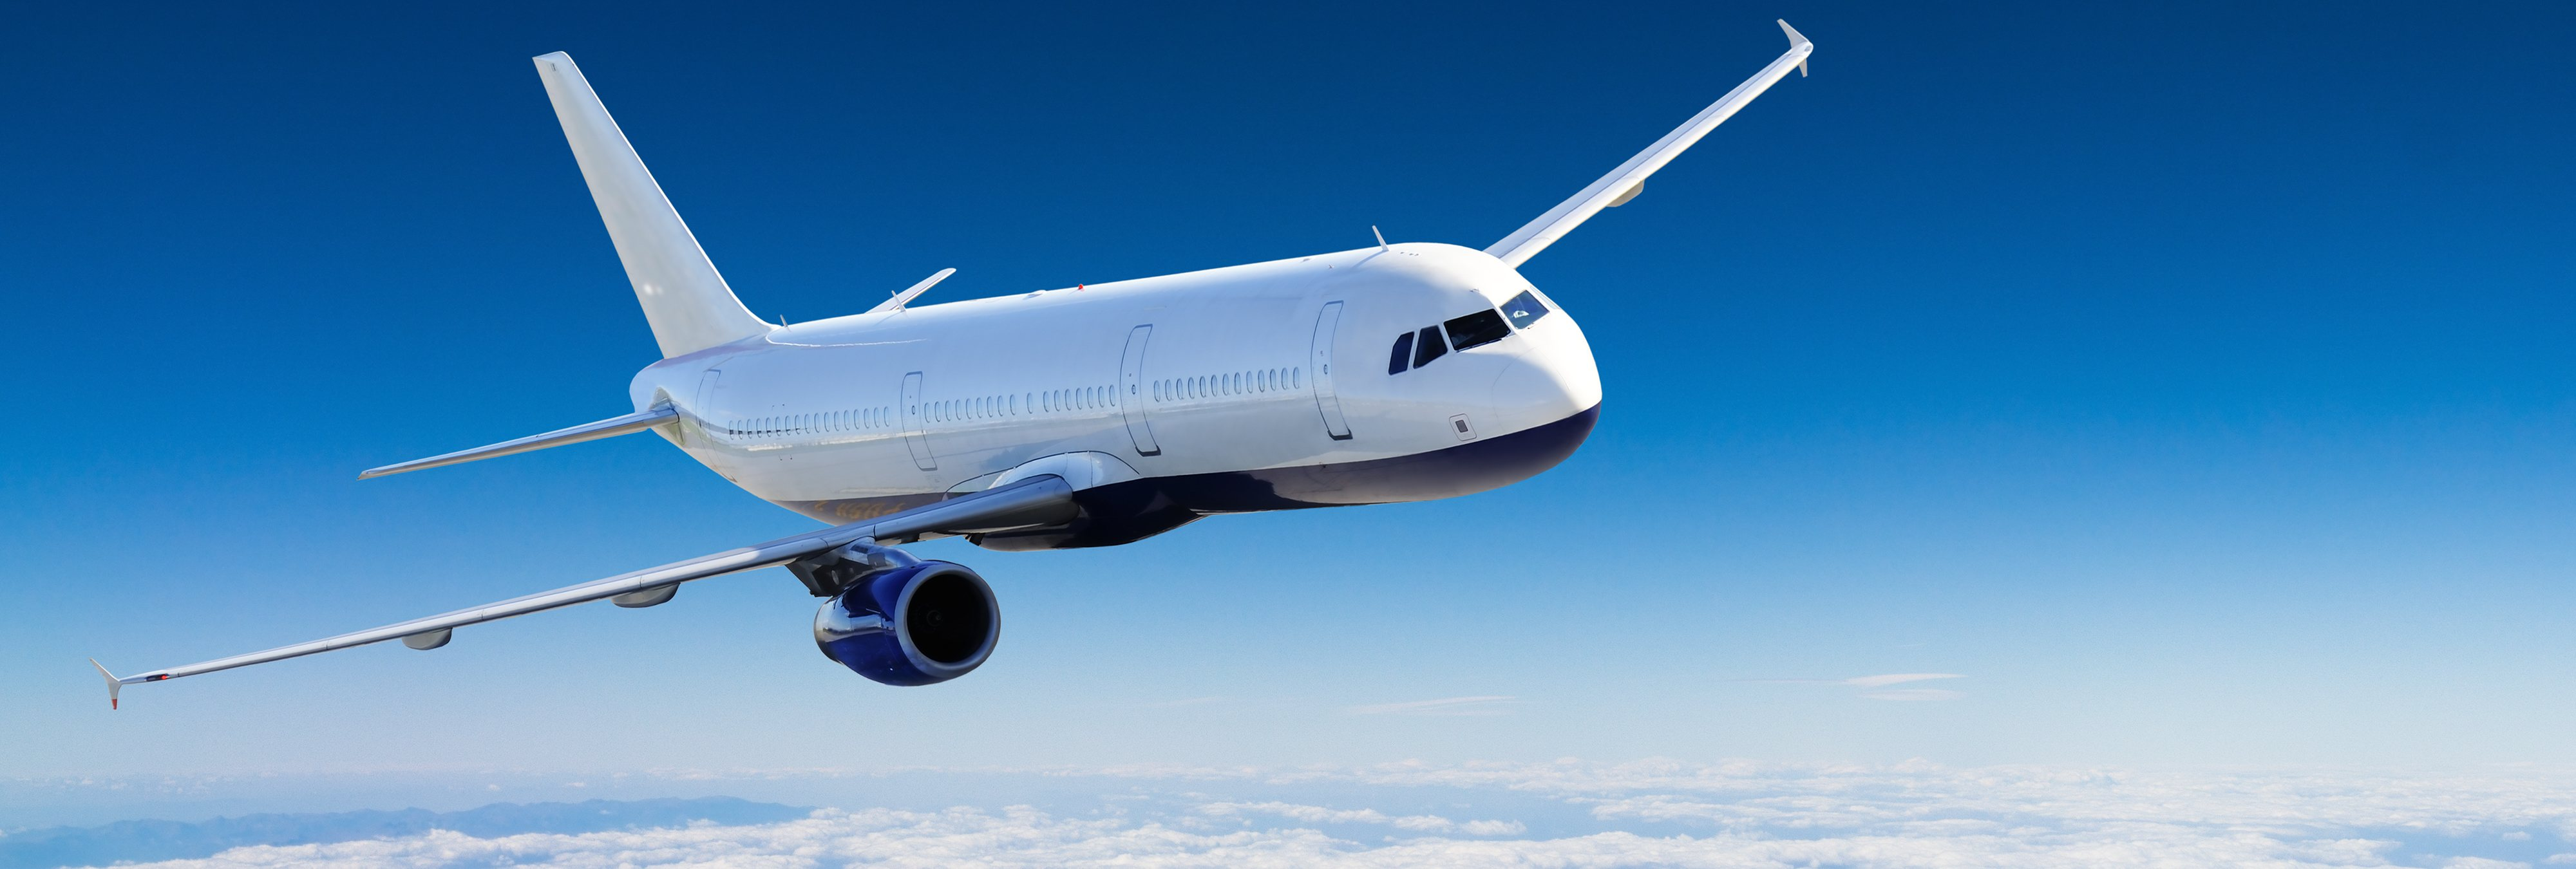 Sin pilotos y sin aviones: por qué tus vacaciones serán más caras este verano